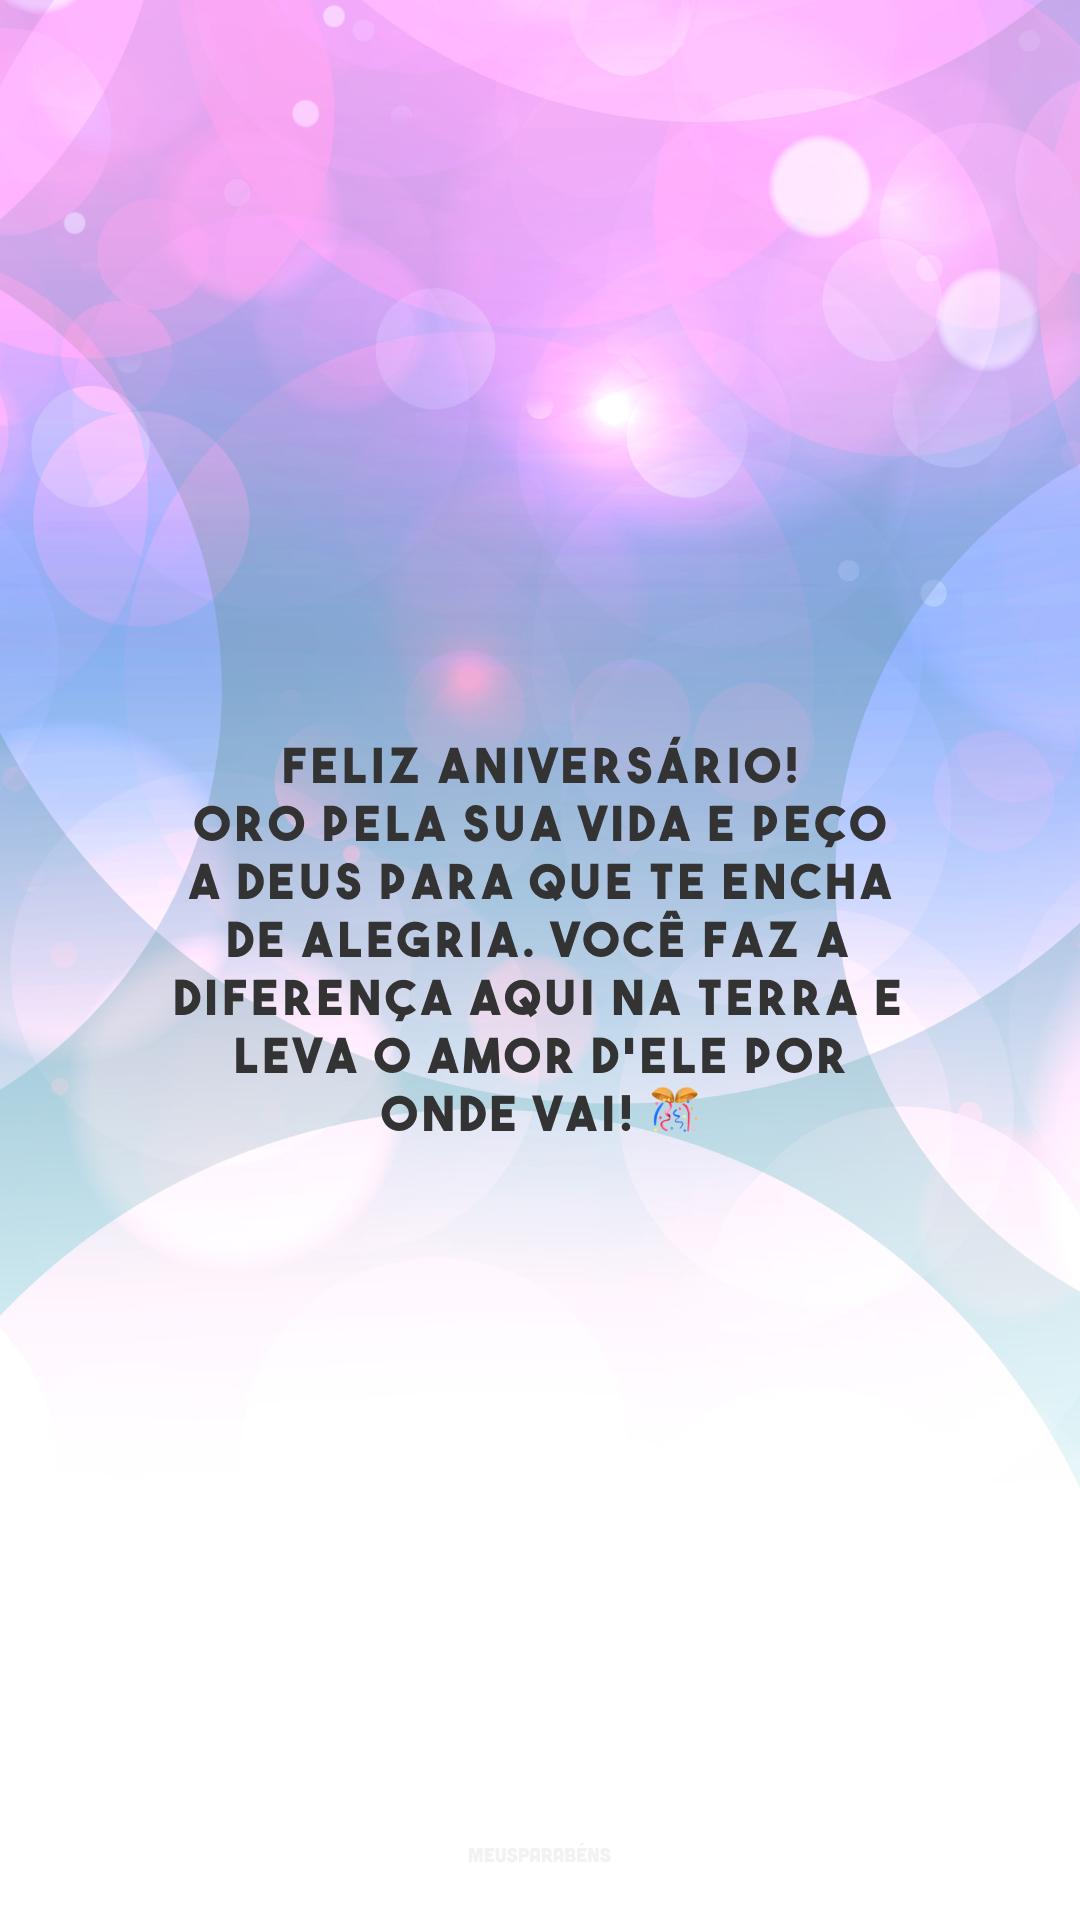 Feliz aniversário! Oro pela sua vida e peço a Deus para que te encha de alegria. Você faz a diferença aqui na Terra e leva o amor d'Ele por onde vai! 🎊